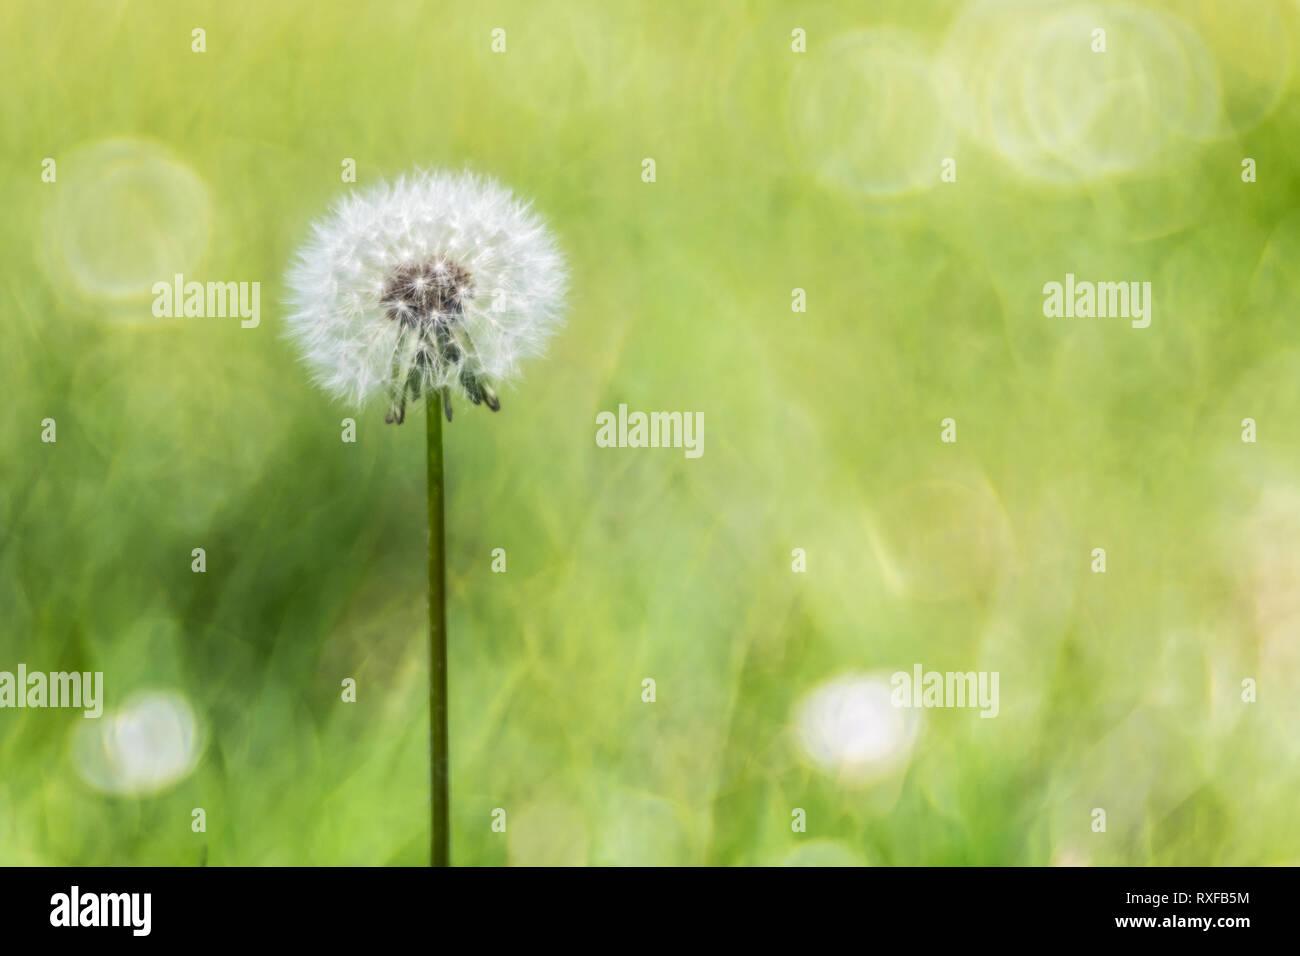 Pusteblume, verblühter Löwenzahn - Stock Image